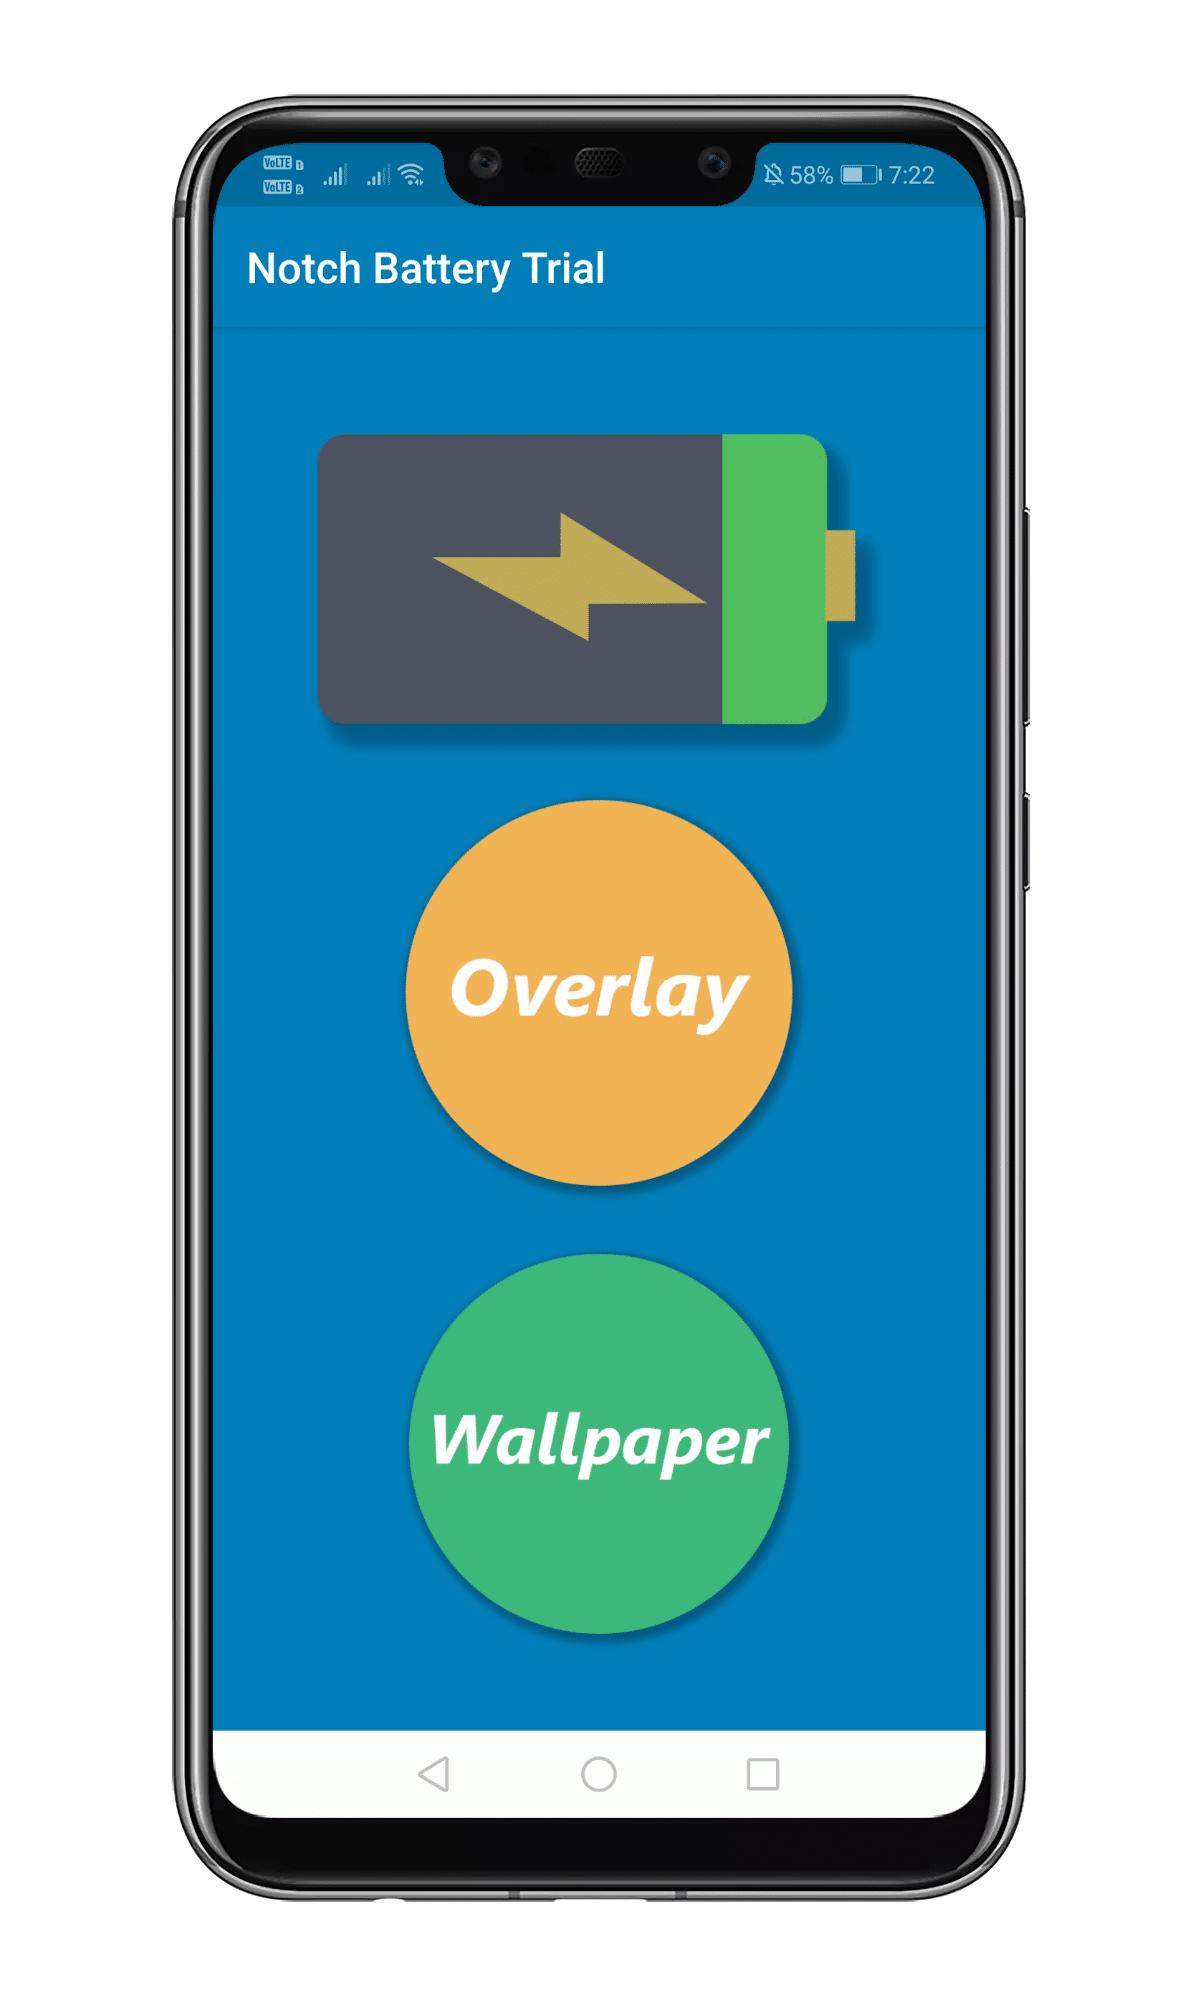 comment transformer l'encoche en indicateur de batterie